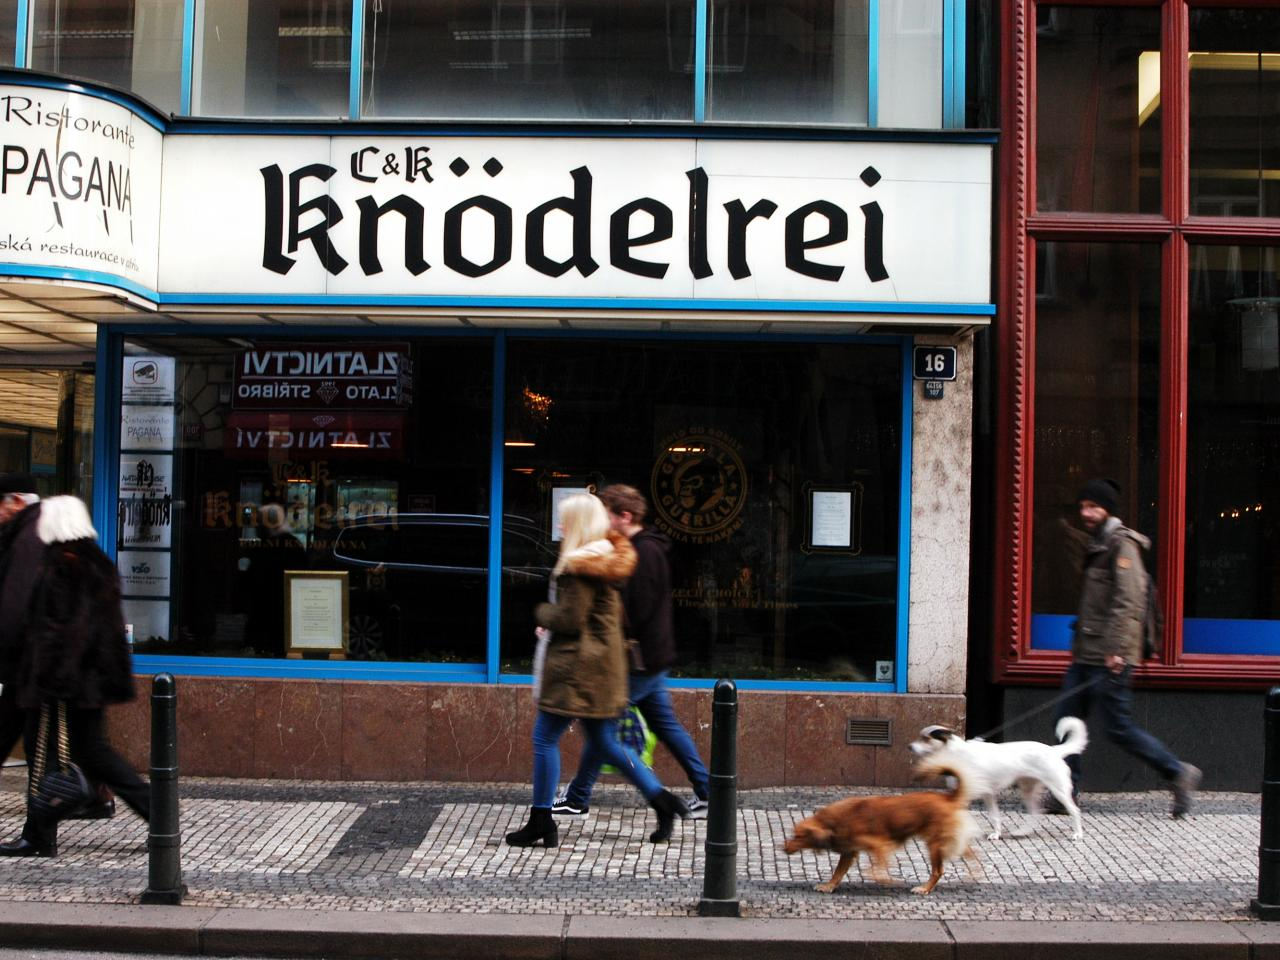 CK Knodelrei otevřelo svojí první kamennou pobočku ve Spálené ulici v Praze